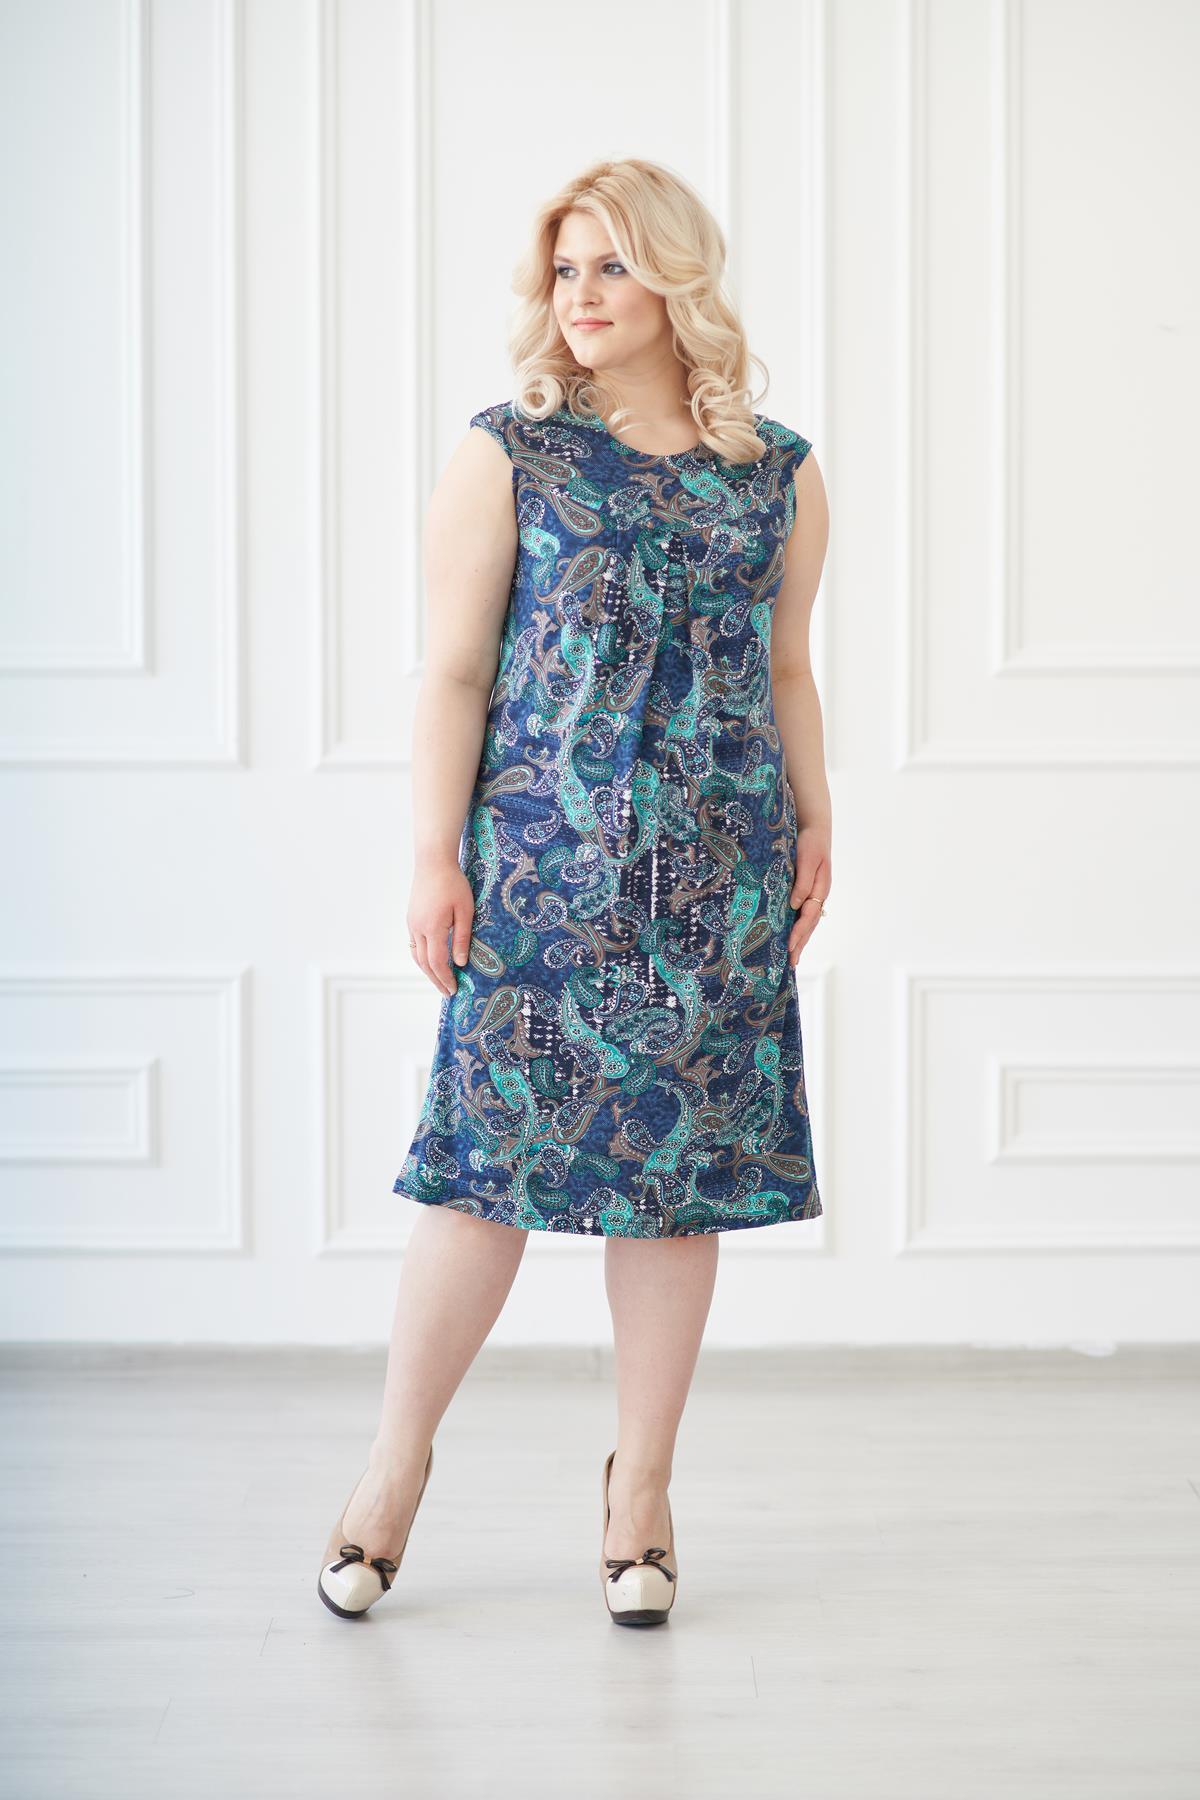 Жен. платье арт. 19-0138 Огурцы р. 48Платья<br>Факт. ОГ: 92 см <br>Факт. ОТ: 92 см <br>Факт. ОБ: 106 см <br>Длина по спинке: 98 см<br><br>Тип: Жен. платье<br>Размер: 48<br>Материал: Вискоза